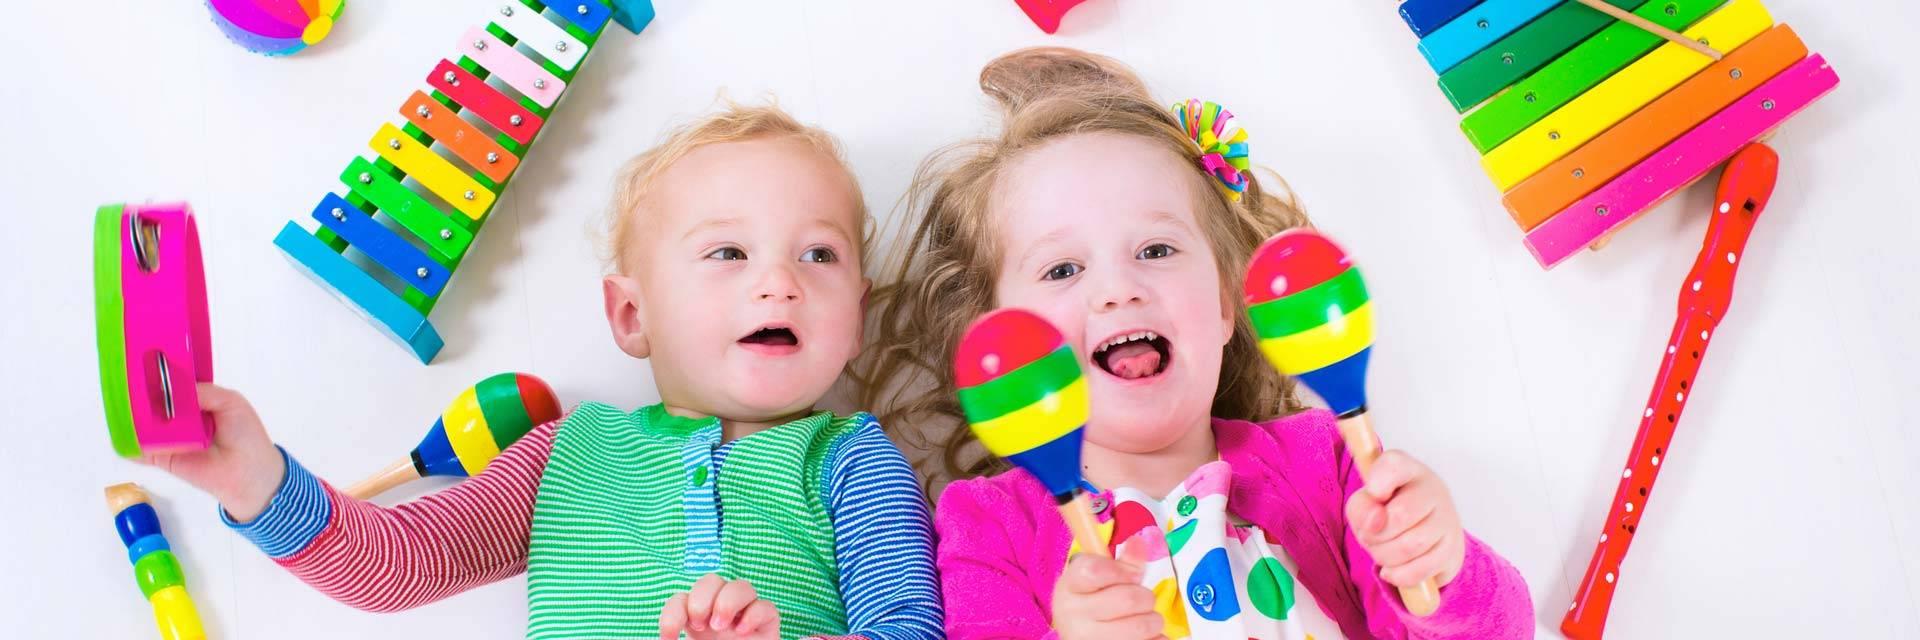 Kaksi lasta soittaa värikkäillä musiikki-instrumenteilla